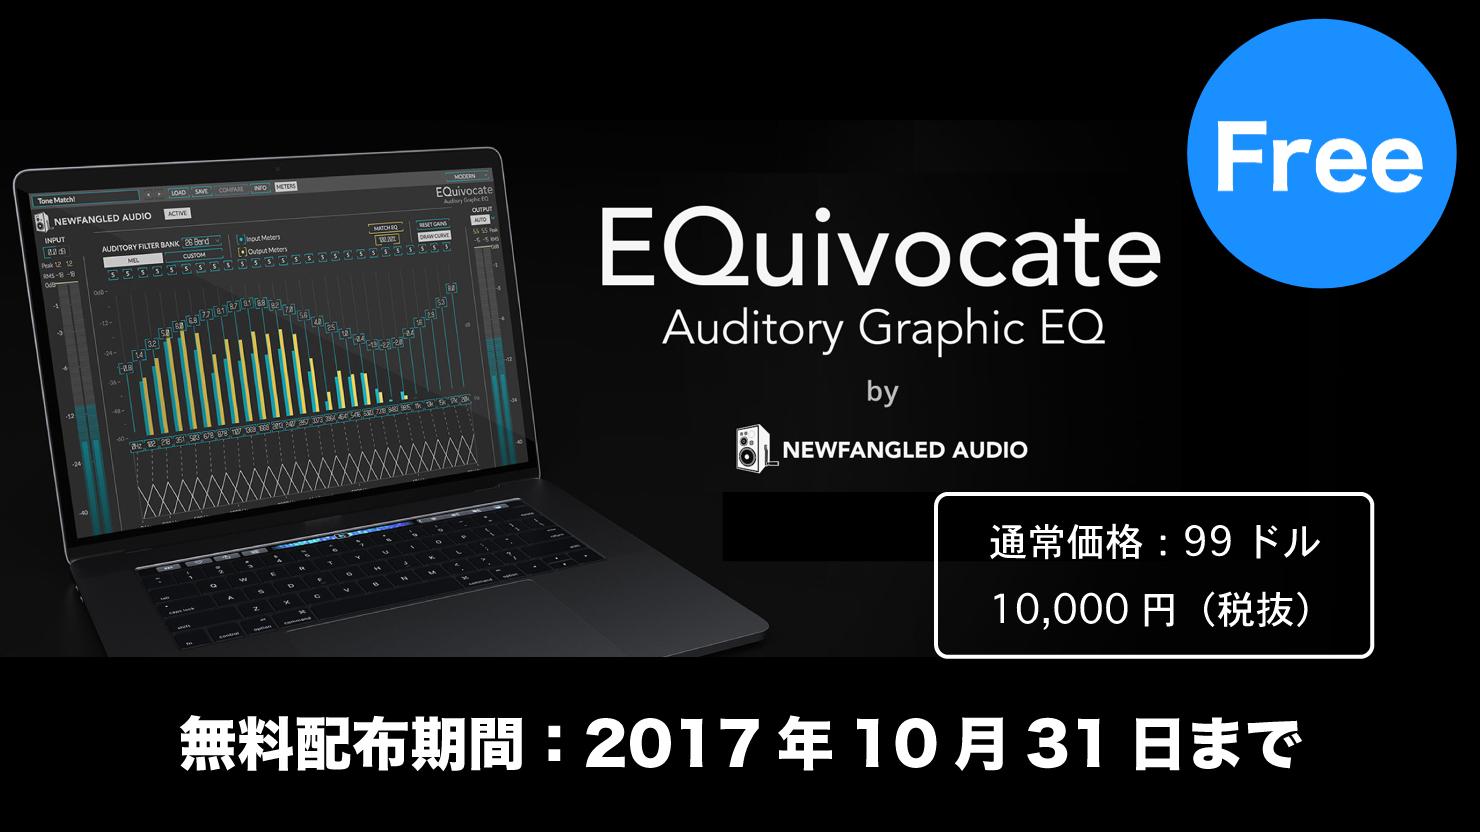 人間の聴覚をモデル化したプラグインEQ「EQuivocate」